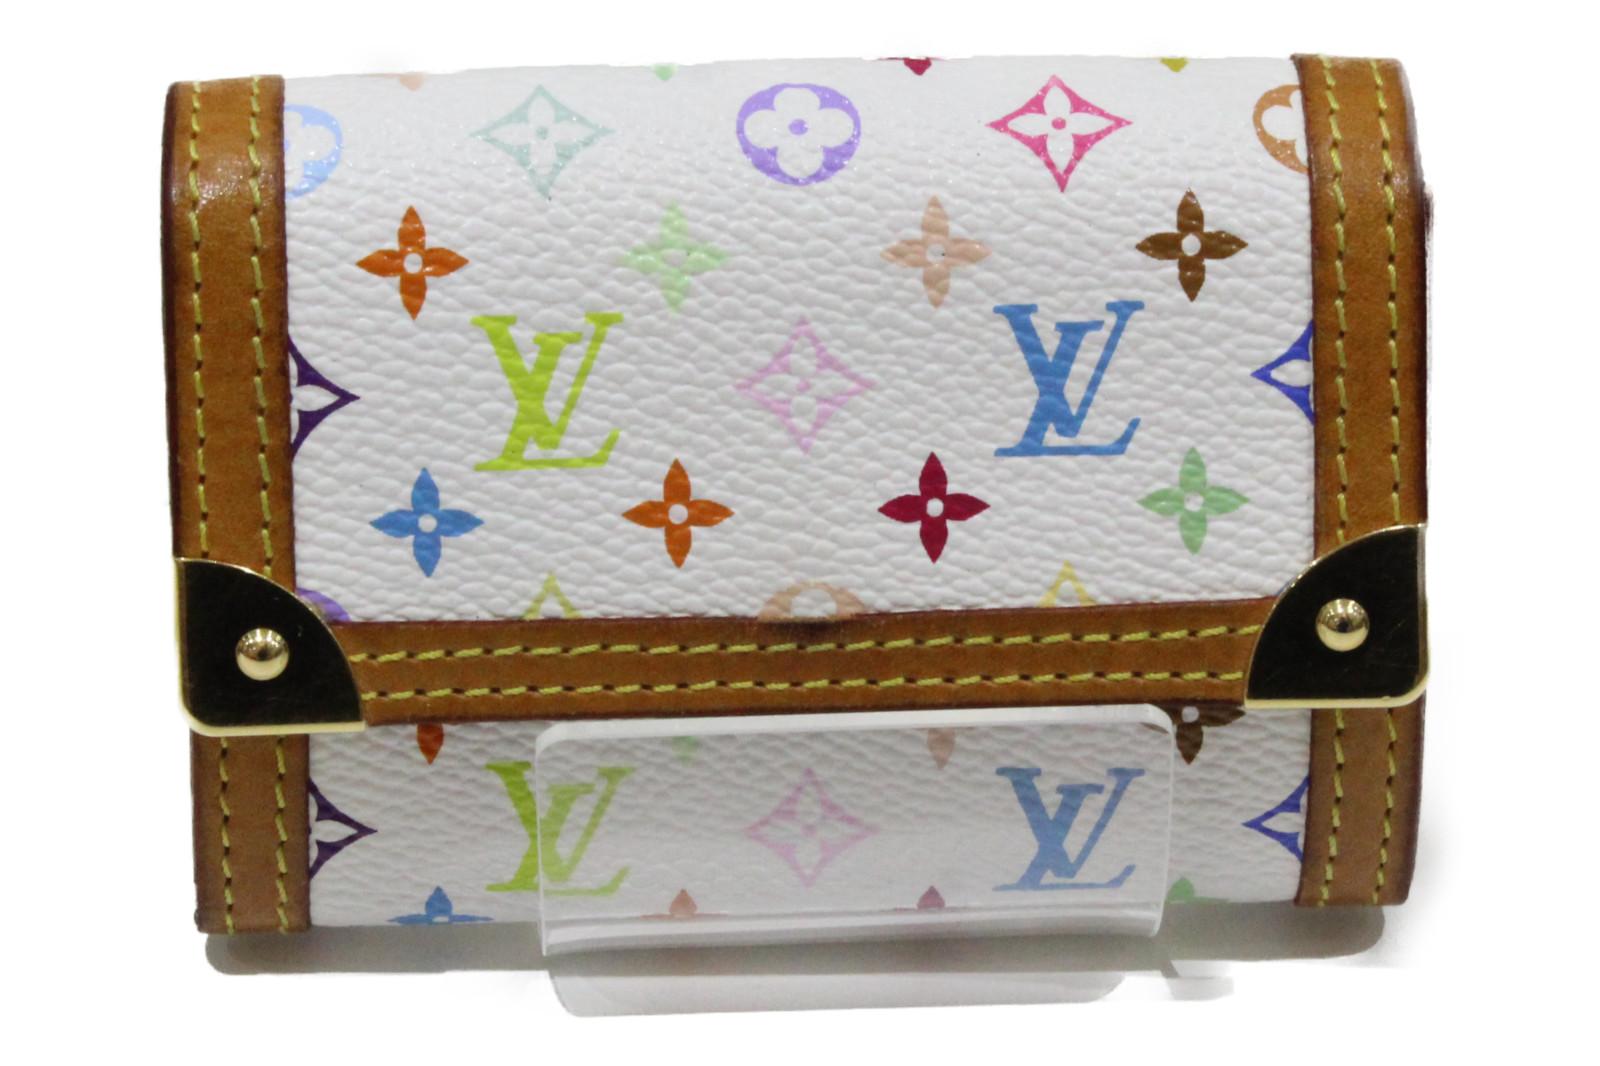 【☆実用性抜群☆】LOUIS VUITTON ルイヴィトンポルトモネ・プラ M92657マルチカラー 小銭入れプレゼント包装可 【中古】